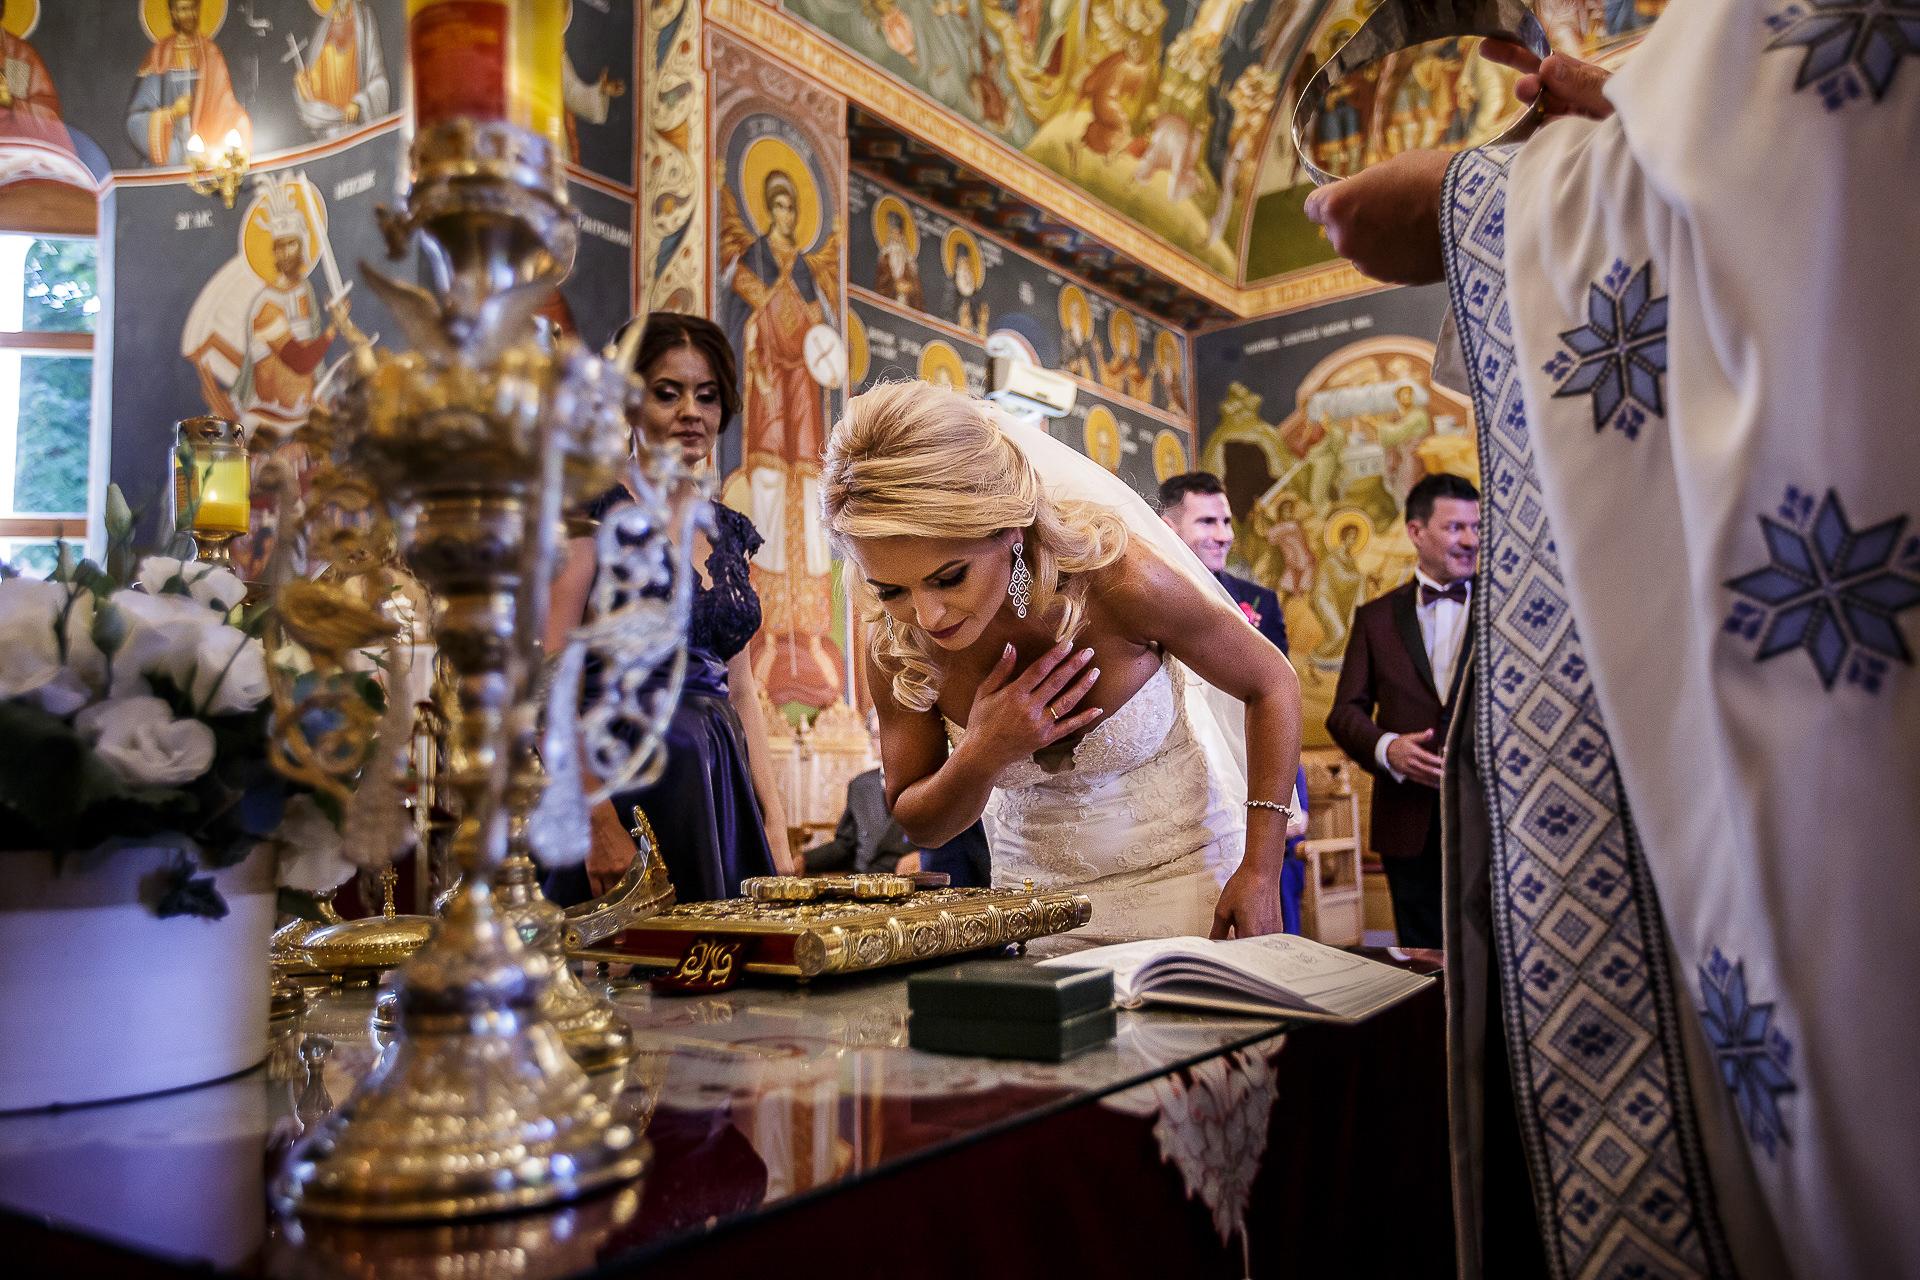 Fotograf nuntă Bucureşti - Biserica Militara Sfântul Mina + Metropolitan Club and Events - Marinela şi Pasquale - Mihai Zaharia Photography - 35